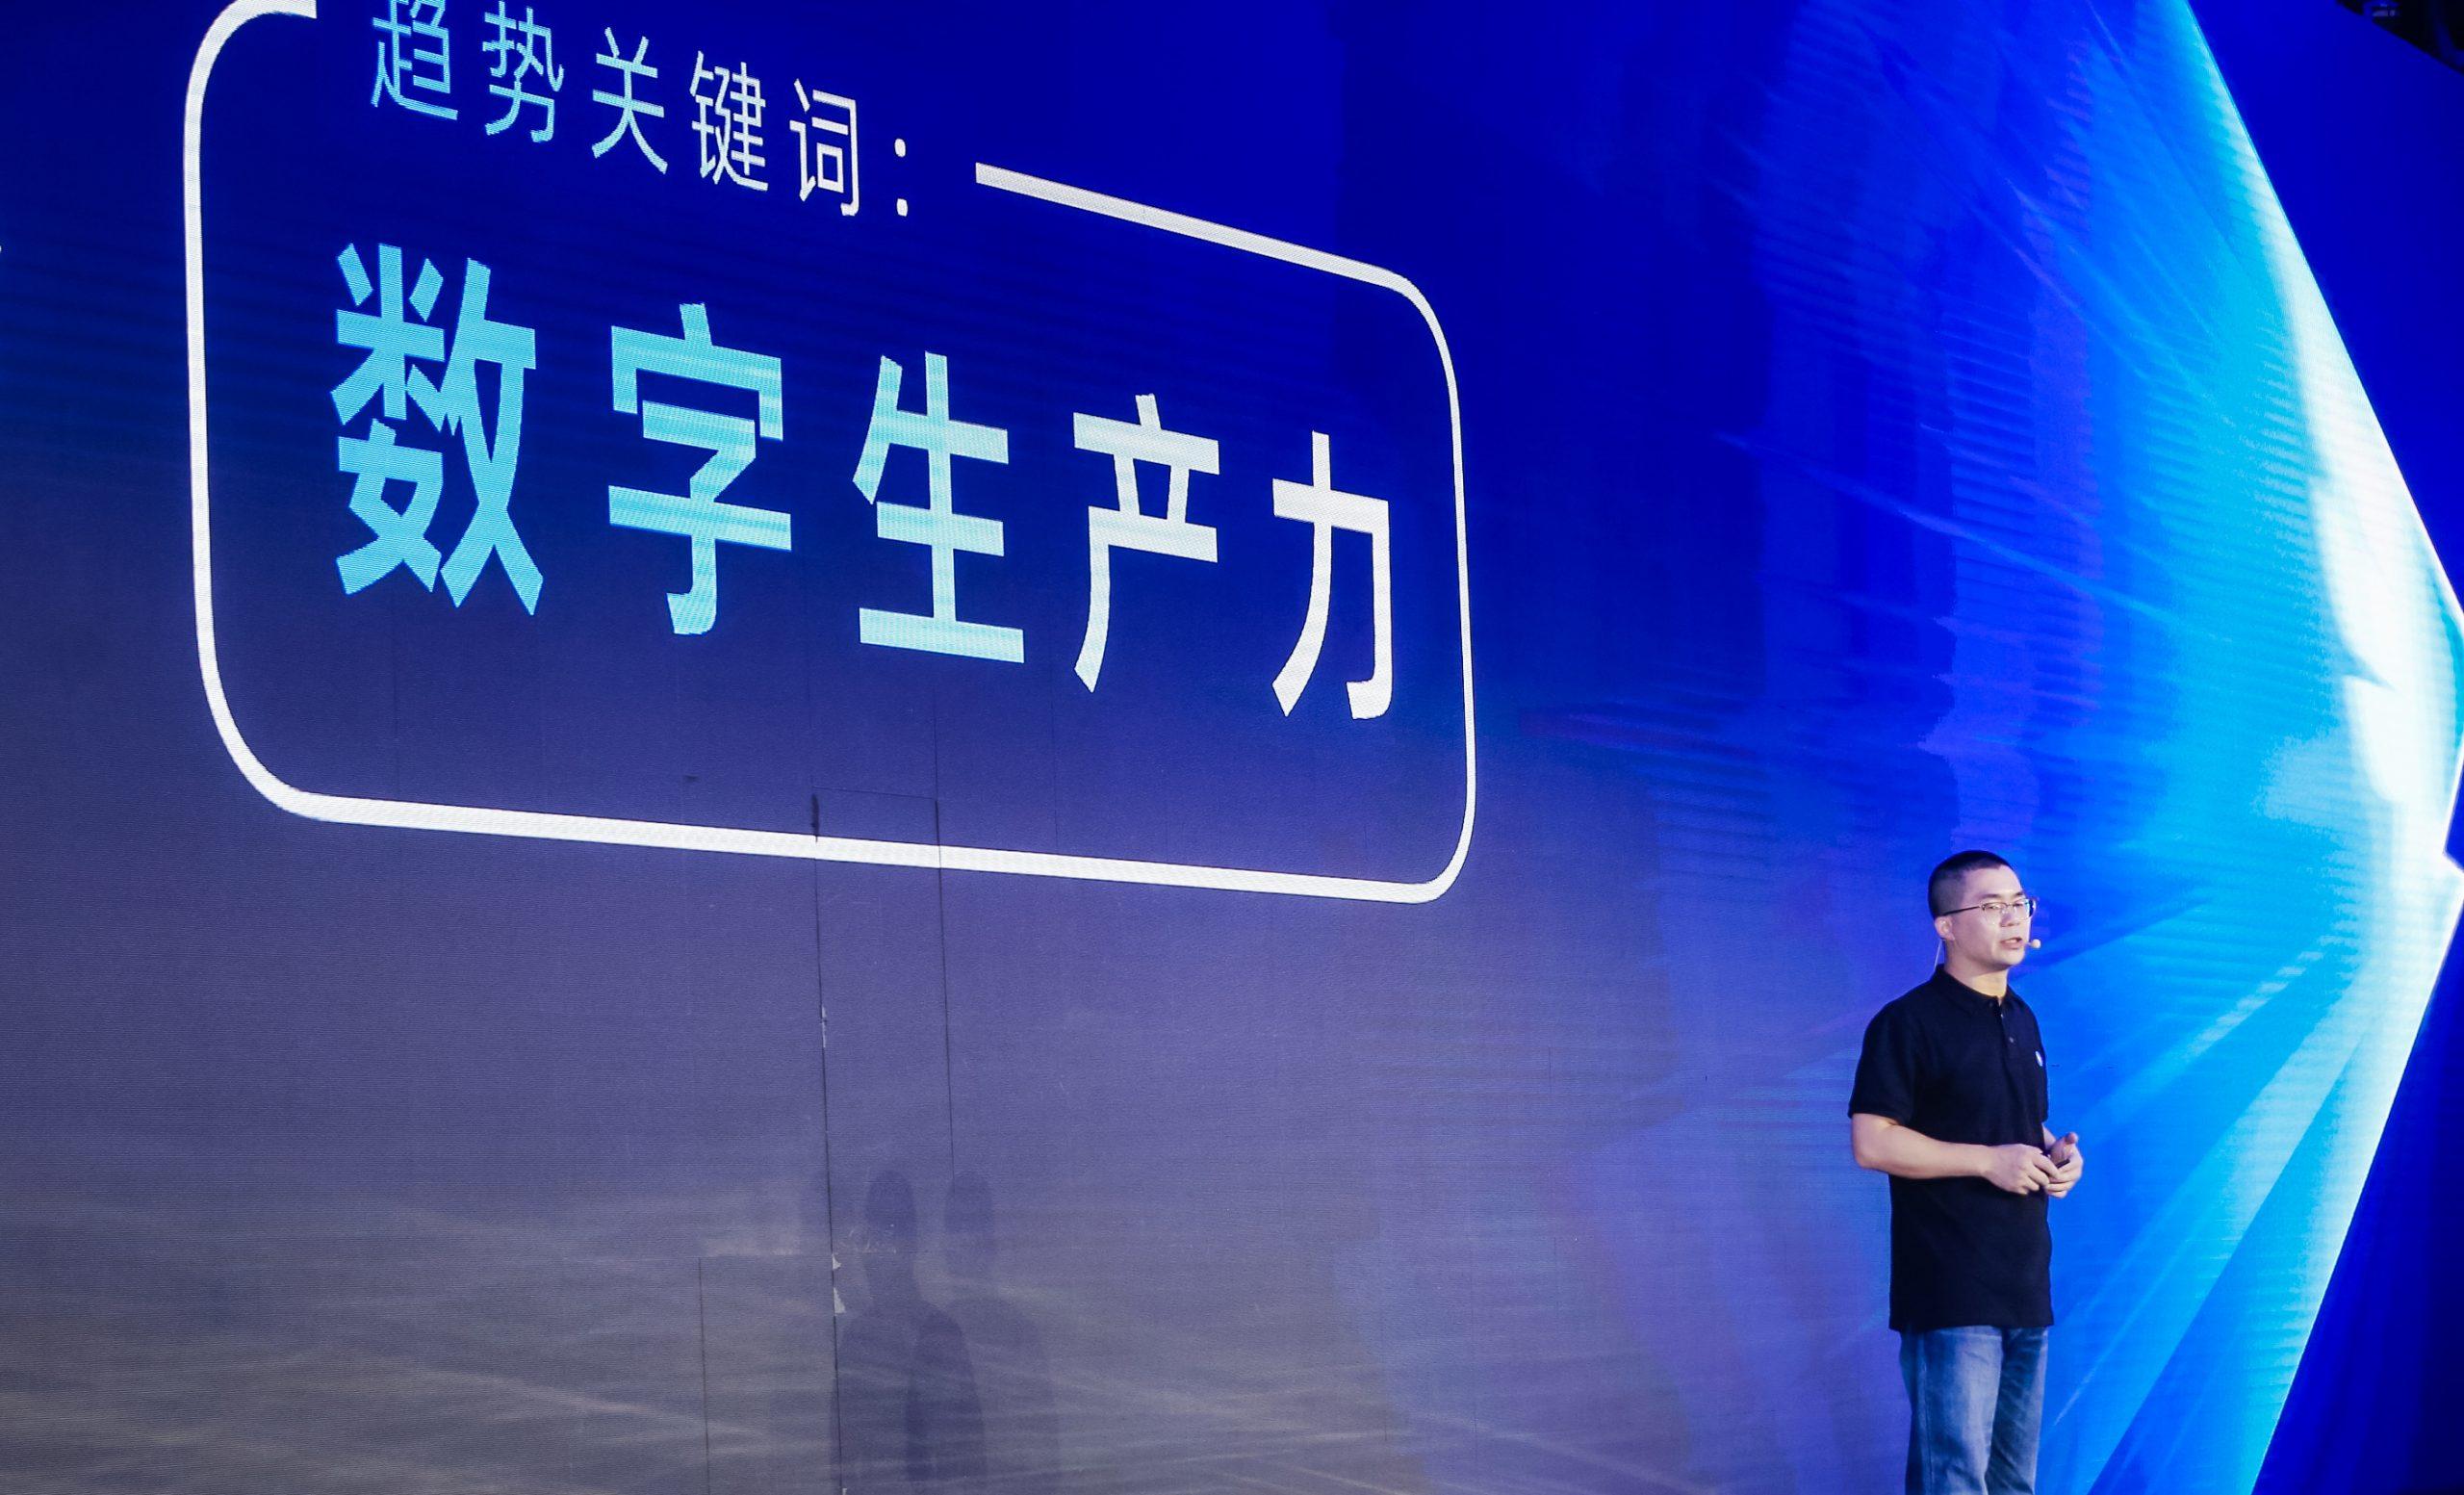 叶军:钉钉是新生产力工具 组织数字化与业务数字化融合是趋势